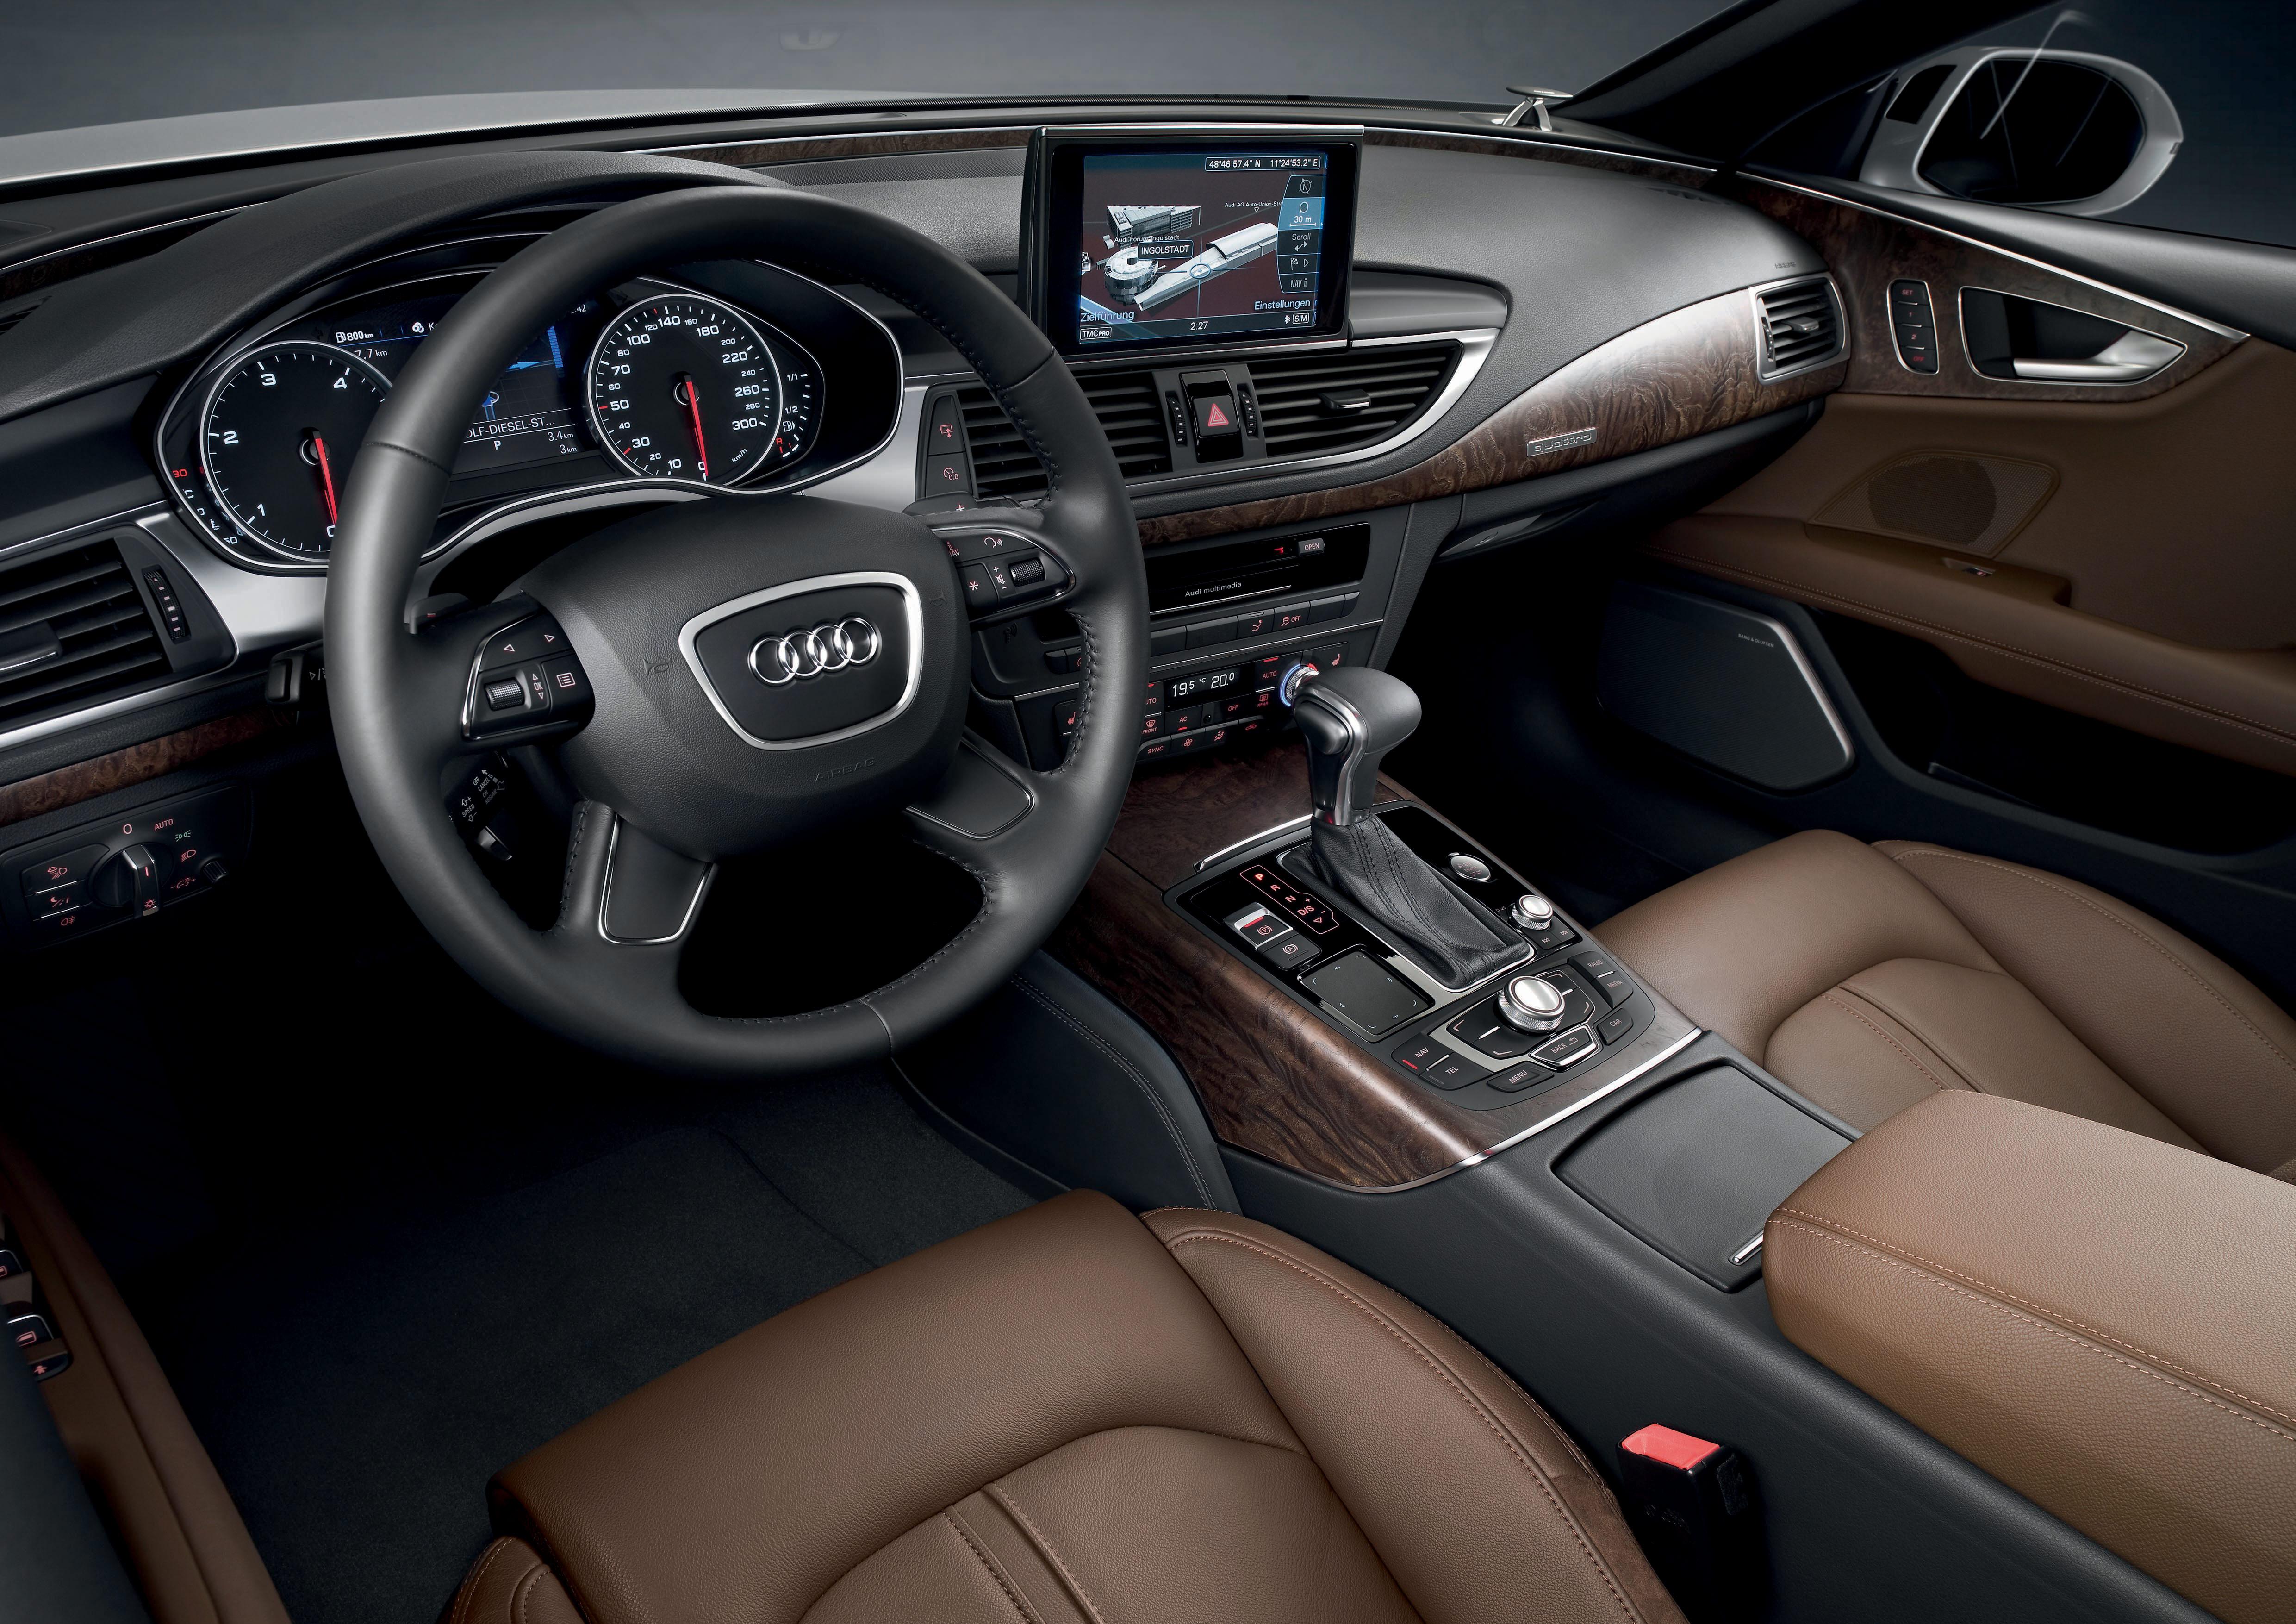 Das Cockpit des Audi A7 Sportback